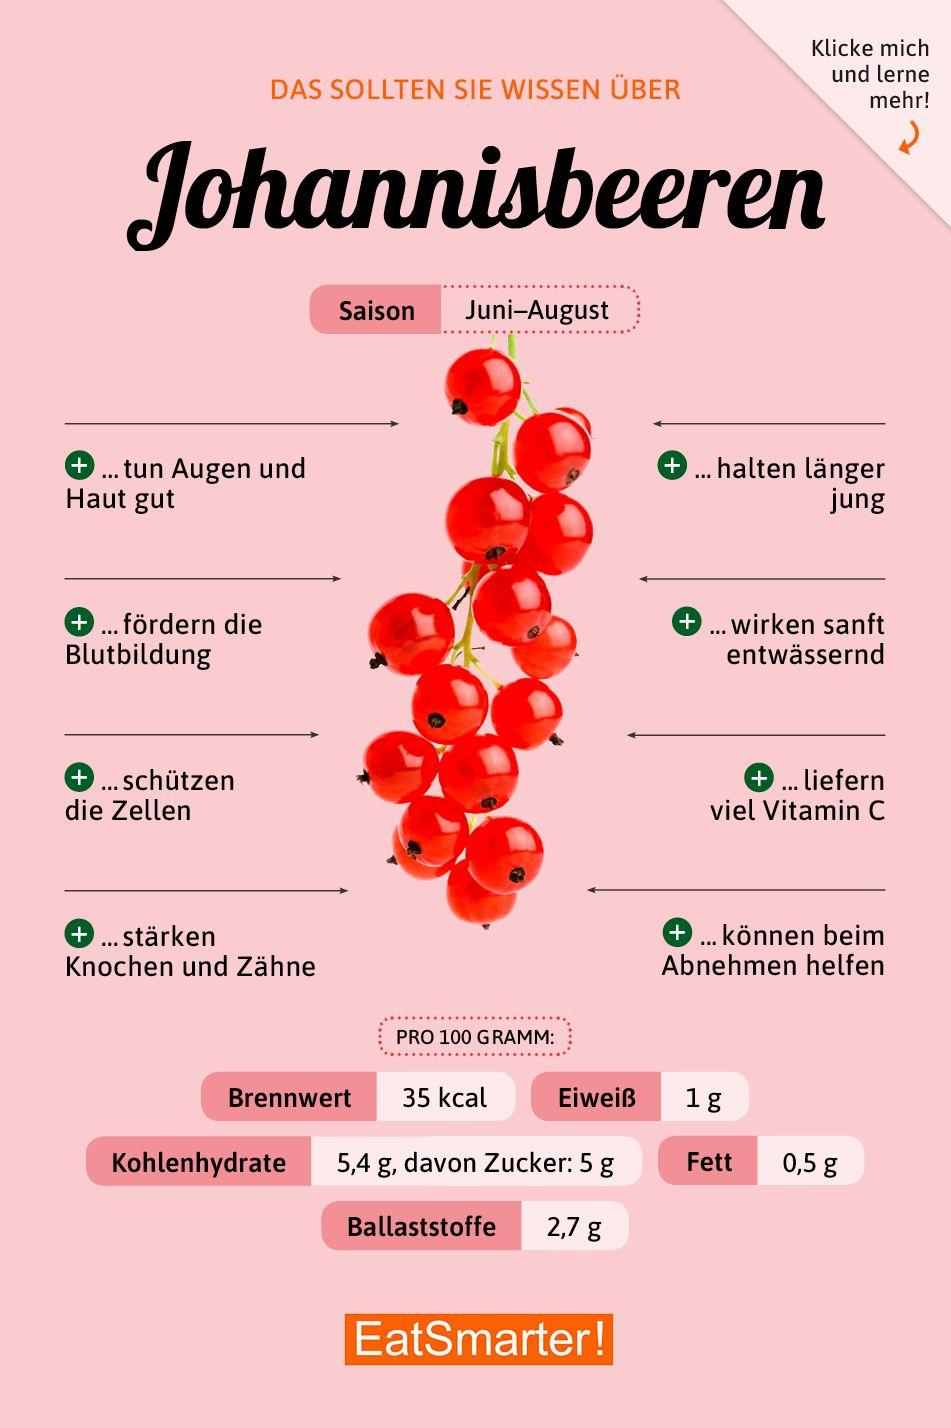 Das solltest du über Johannisbeeren wissen | eatsmarter.de #ernährung #infografik #johannisbeeren #health